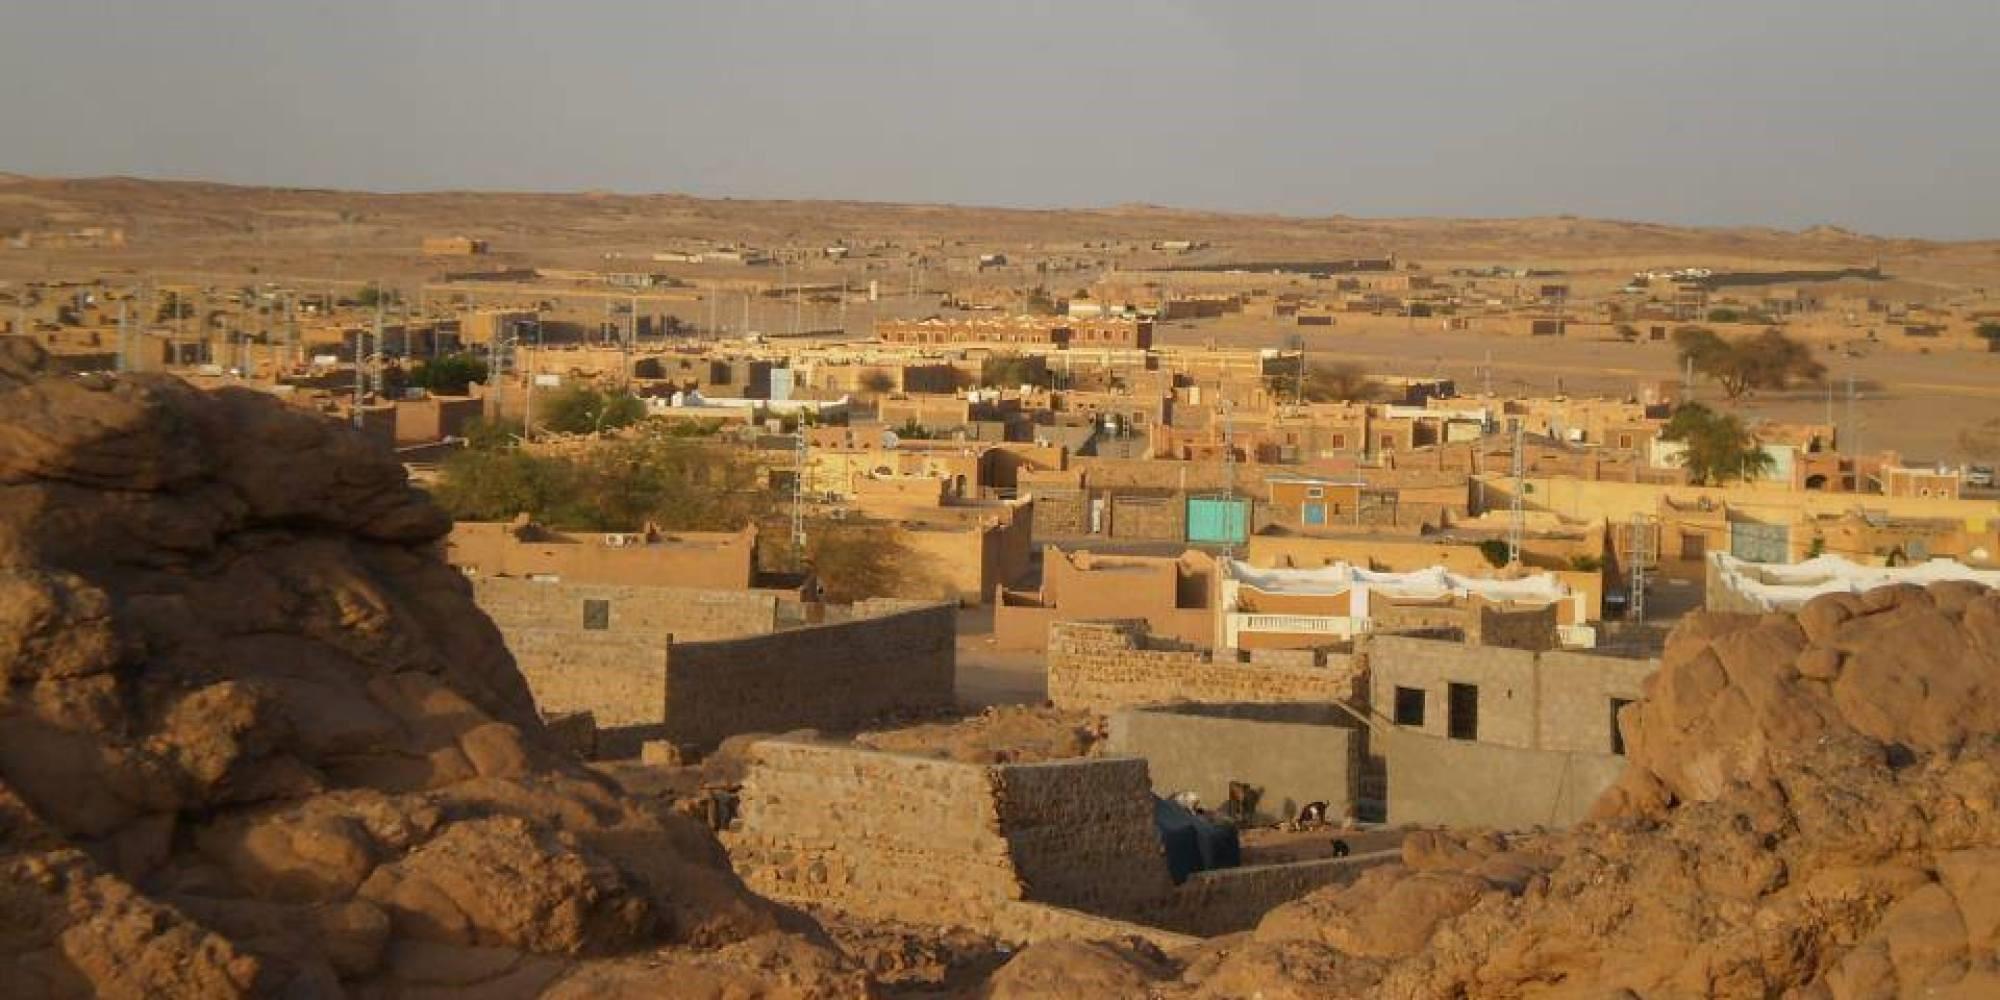 South Algeria 1